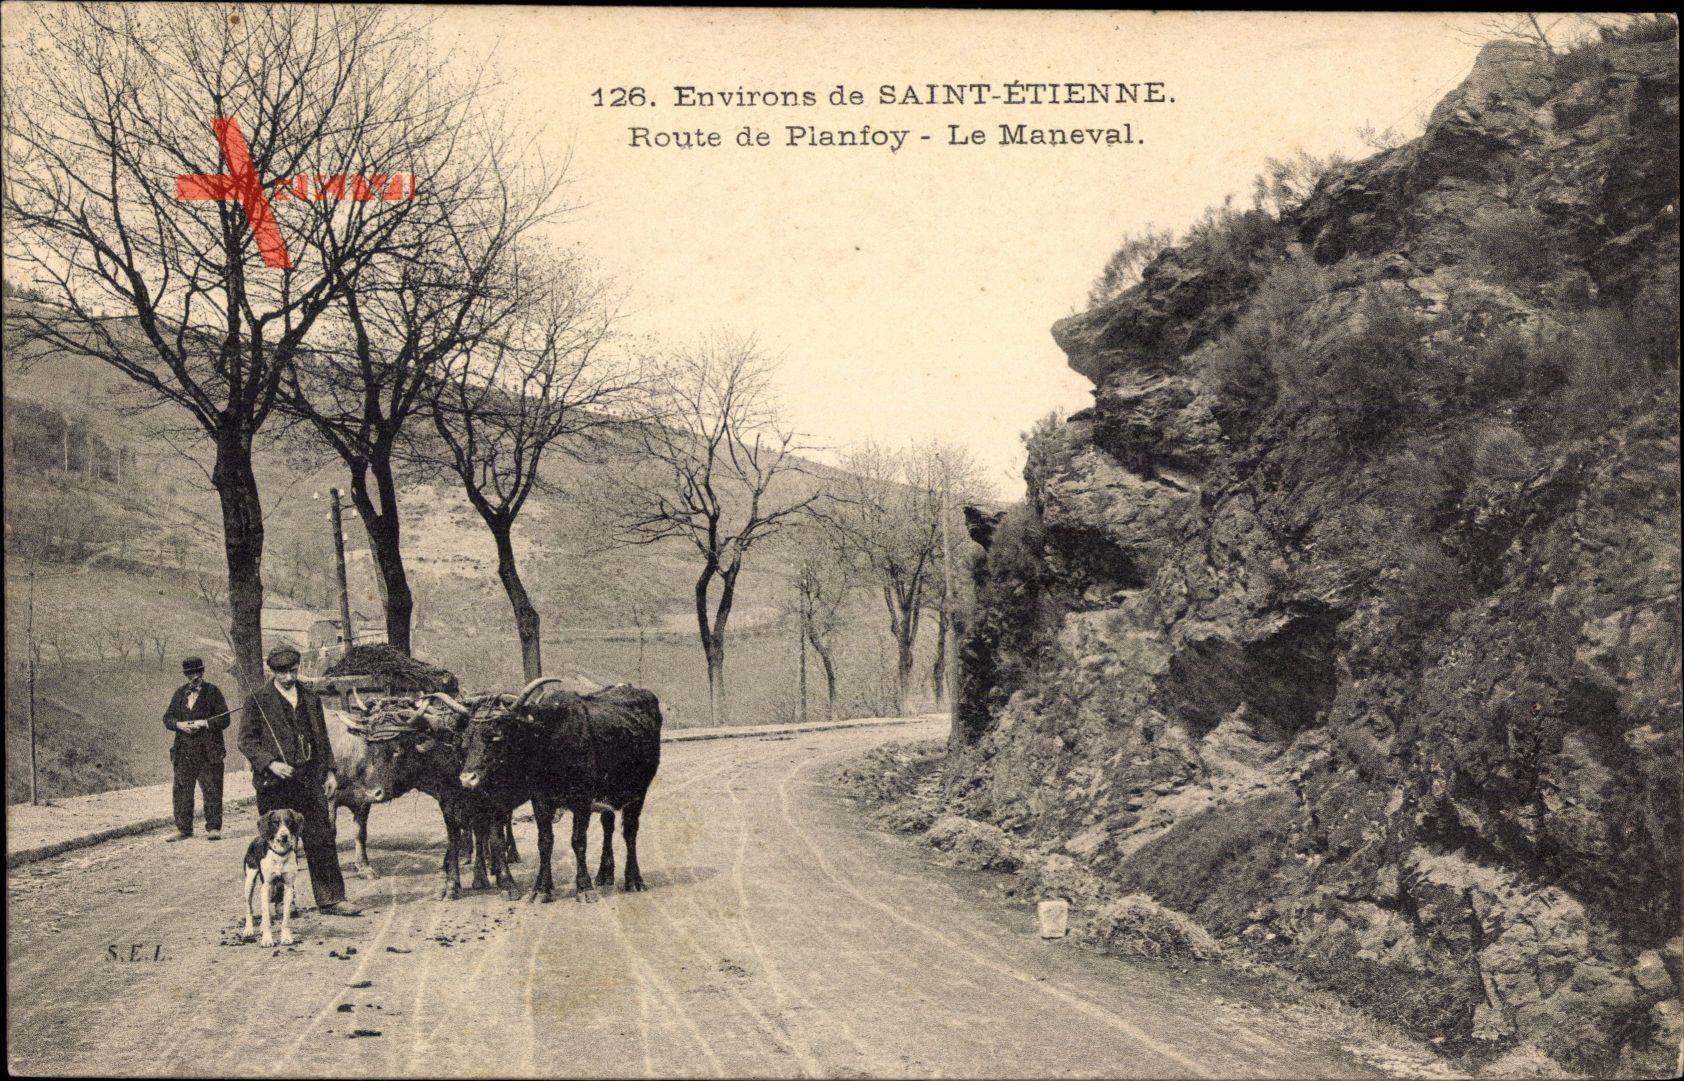 Saint Étienne environs Loire, Route de Planfoy, le Maneval, Rinder, Hund